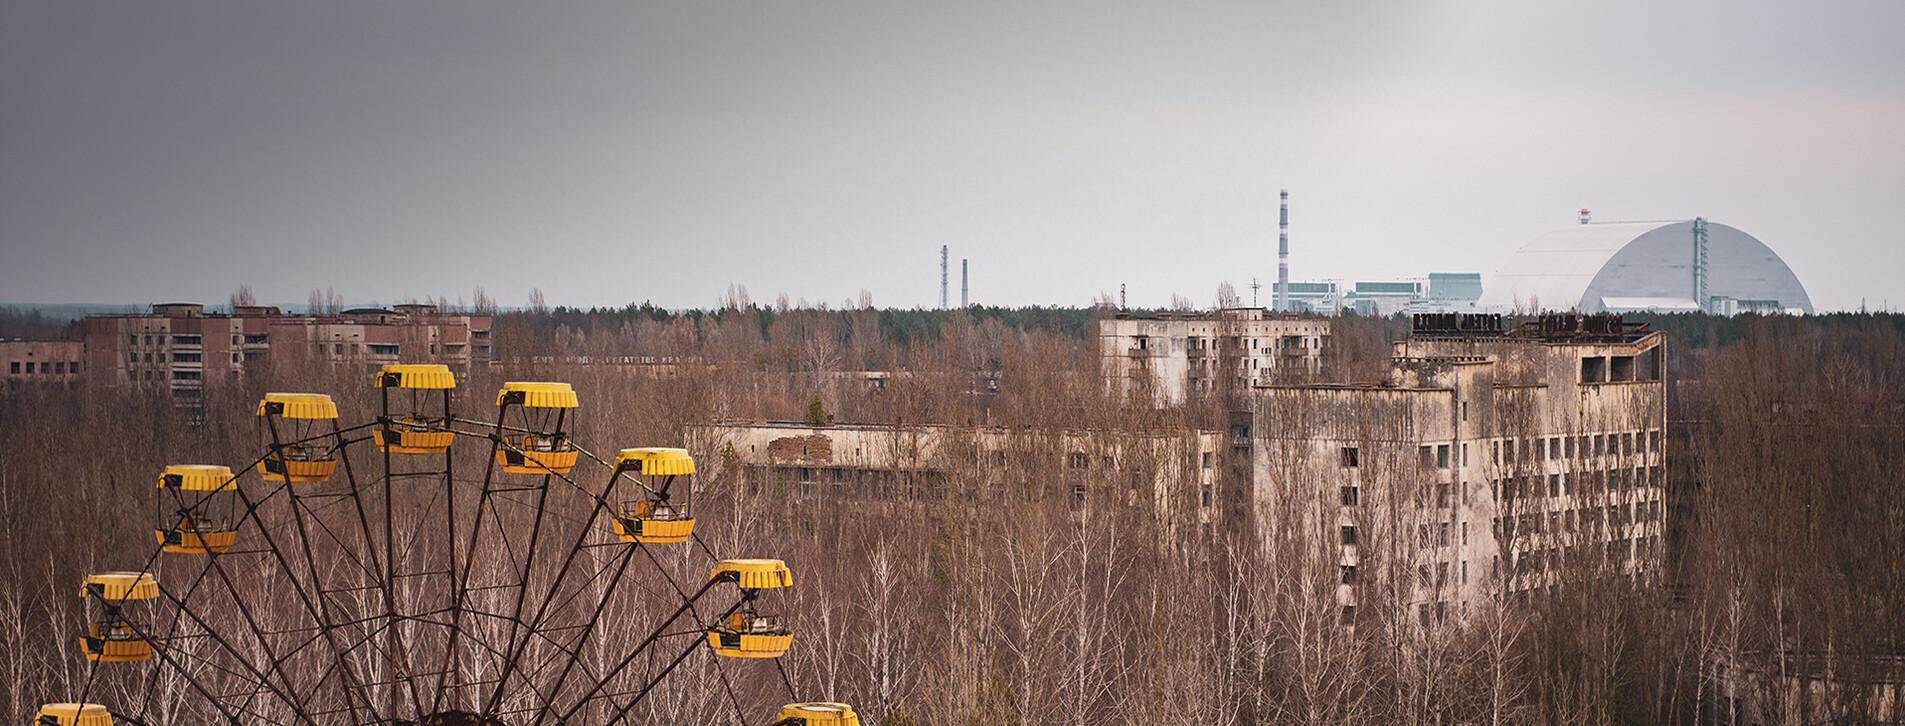 Фото 1 - Индивидуальный тур в Чернобыль для компании